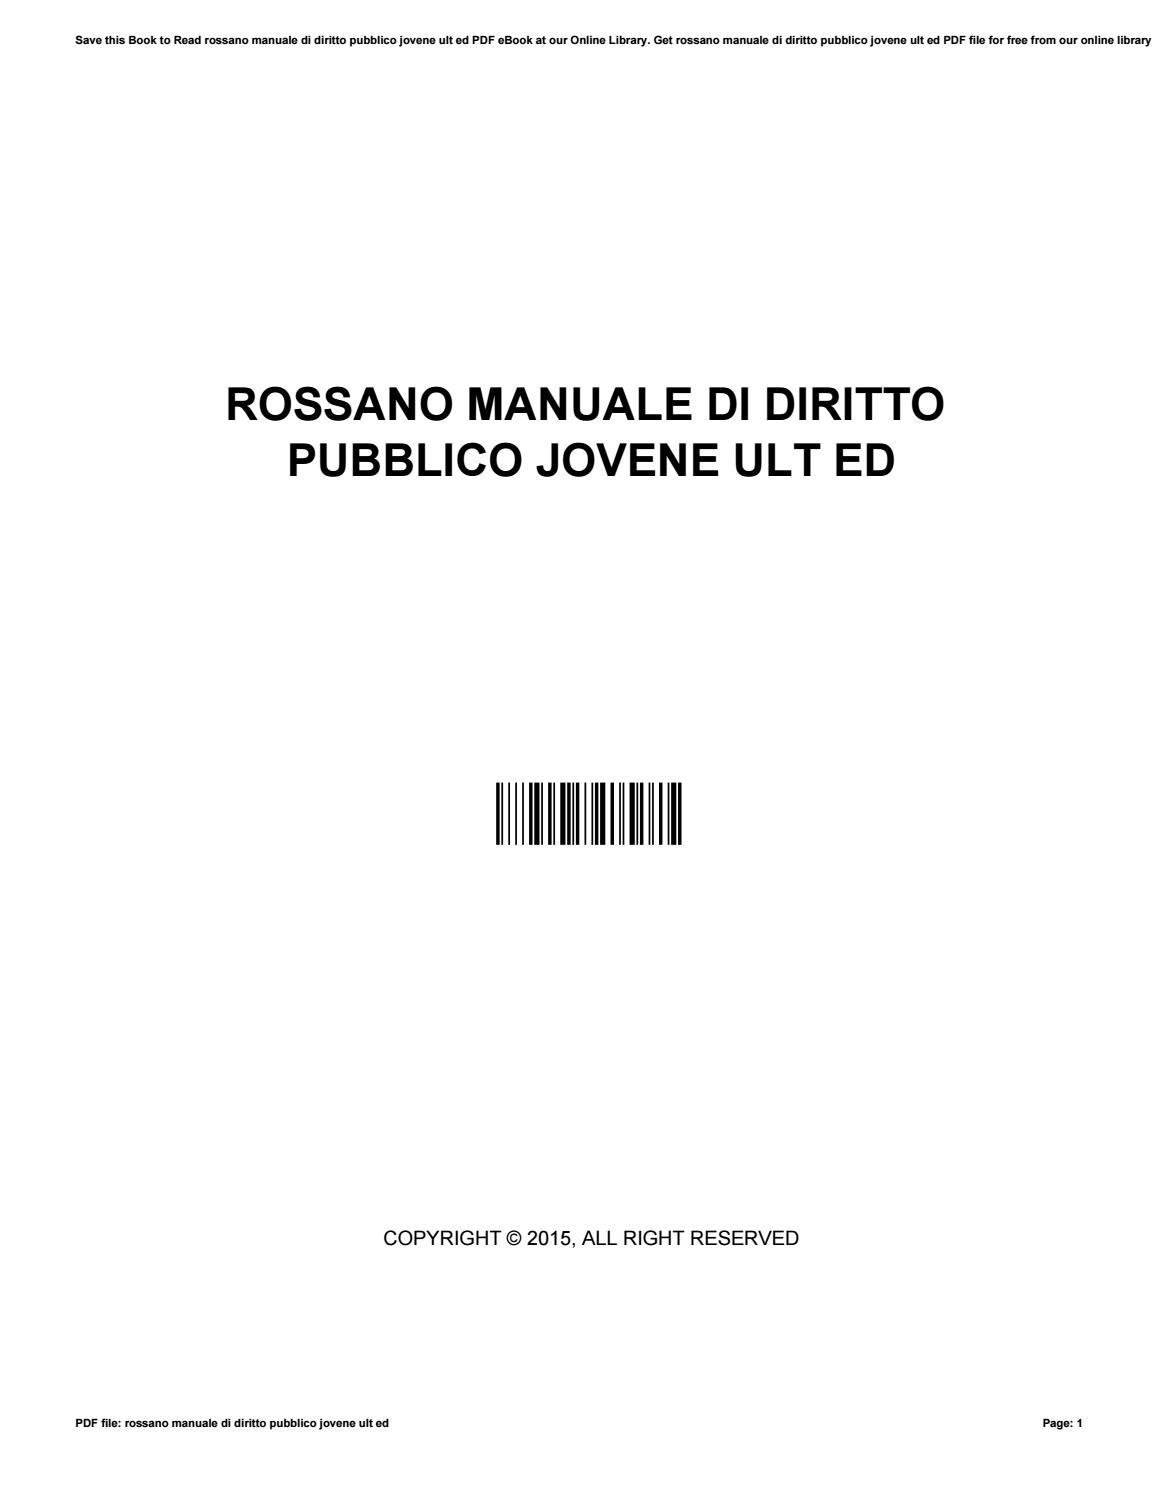 rossano manuale di diritto pubblico jovene ult ed by rh issuu com